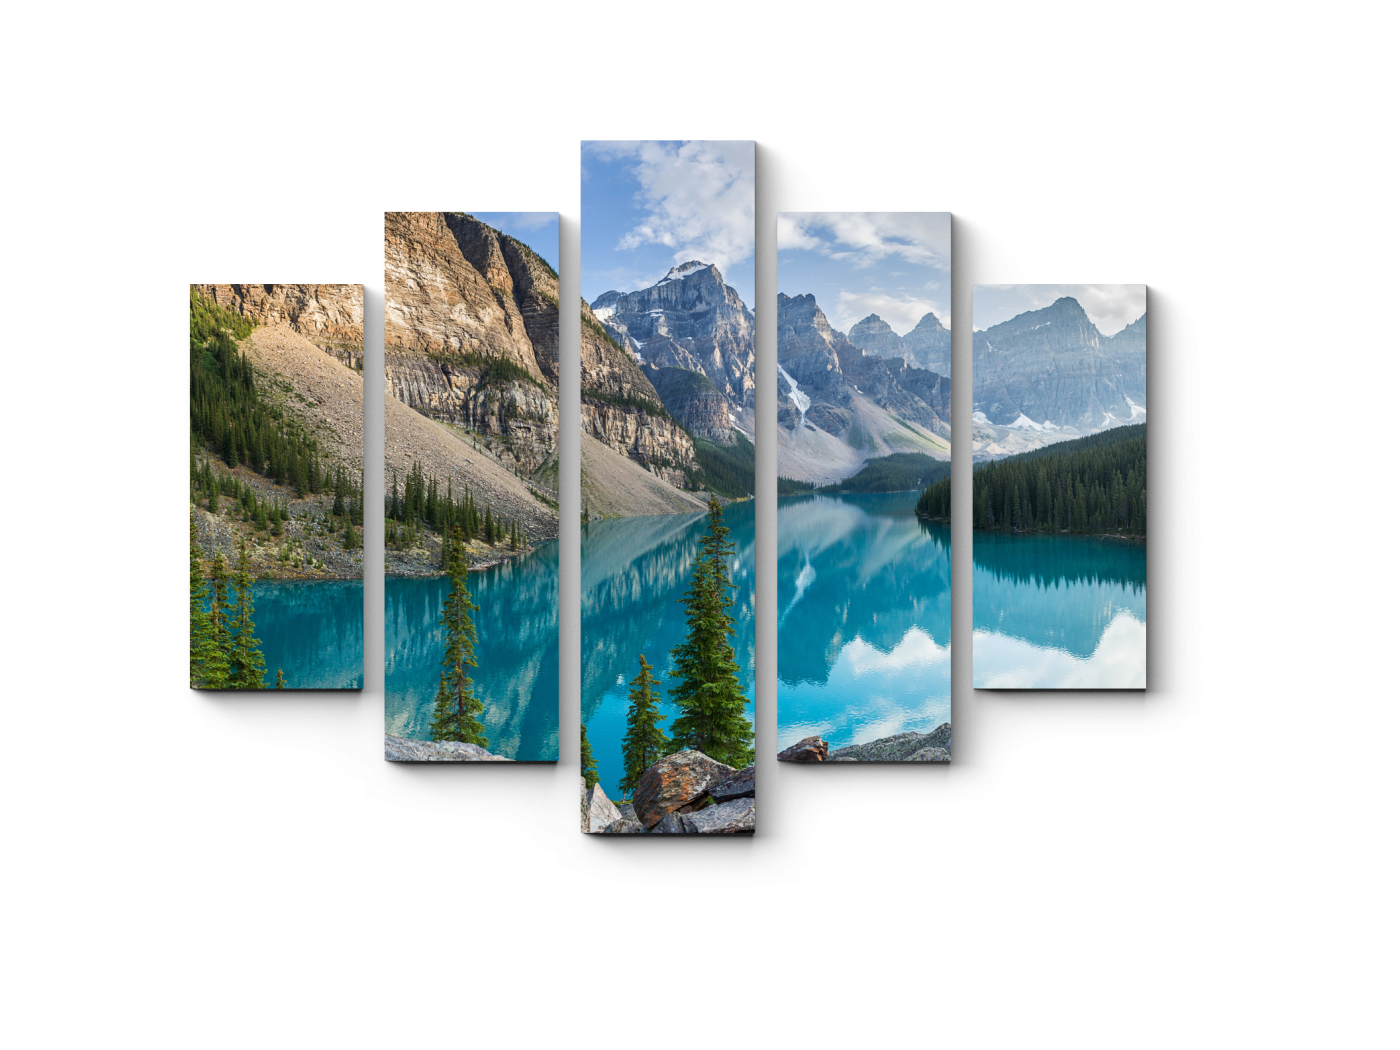 Модульная картина Скалистые горы (75x60) фото